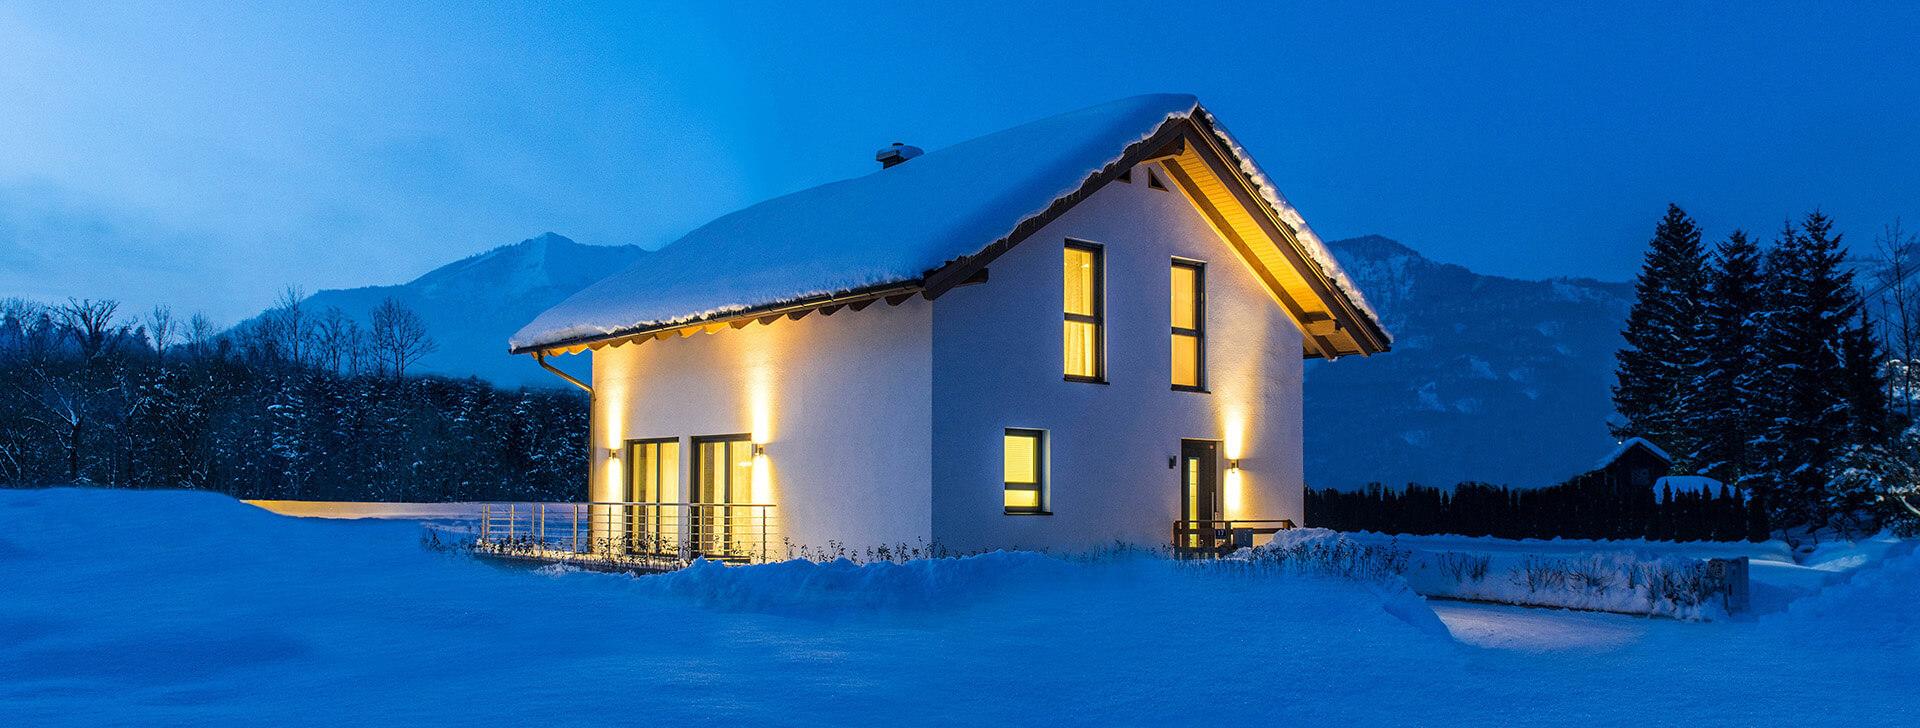 Fertighaus und keller aus einer hand wolf haus bauen for Haus bauen fertighaus